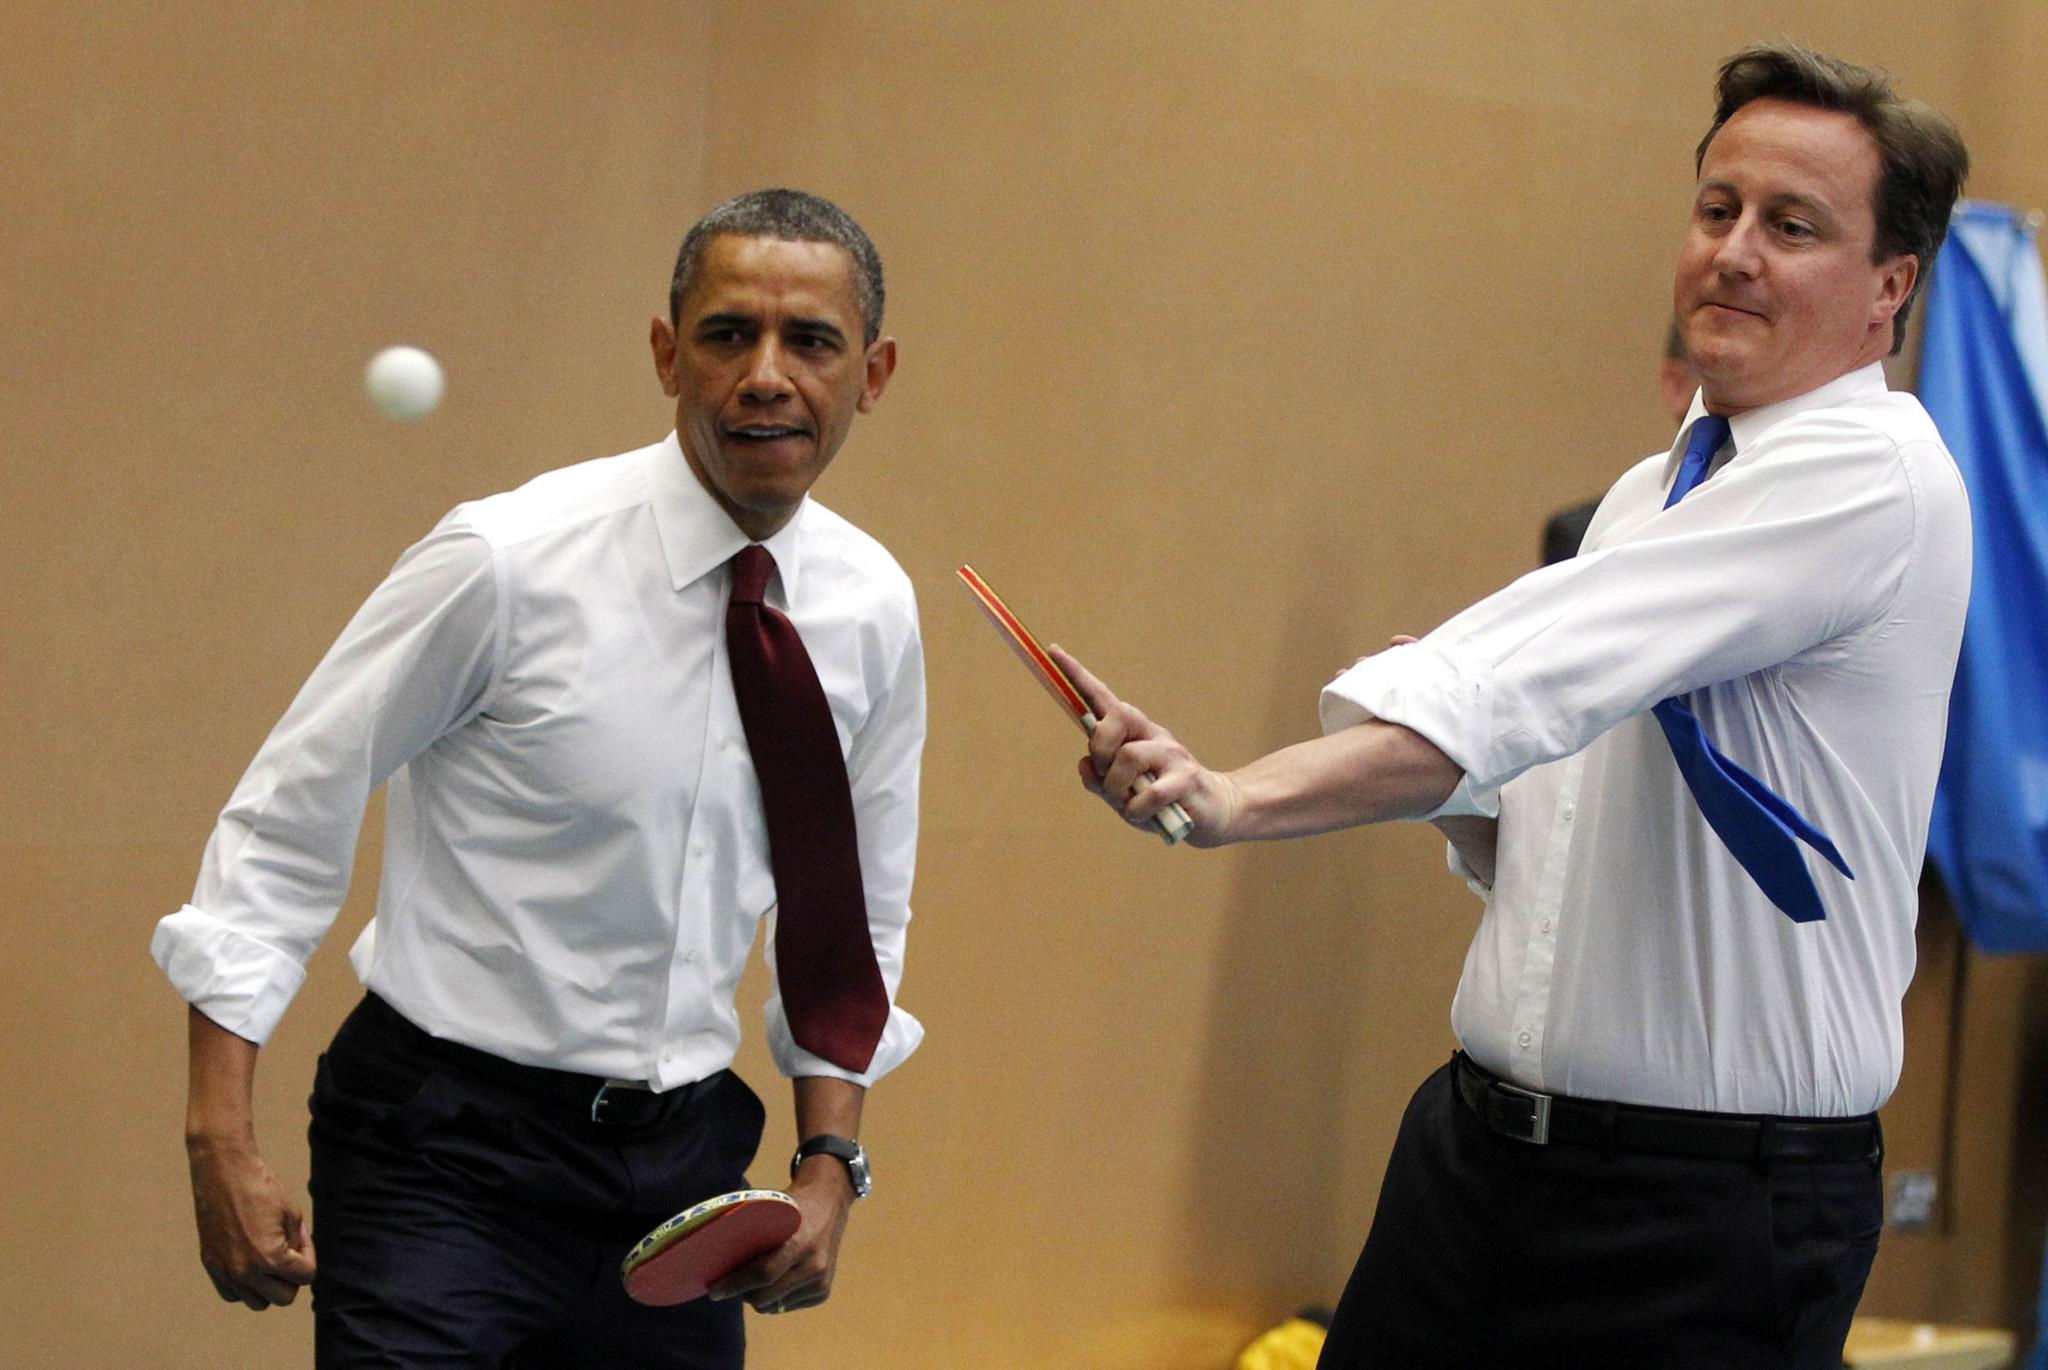 Barack Obama joga ténis ao lado do então primeiro-ministro britânico David Cameron, 2011